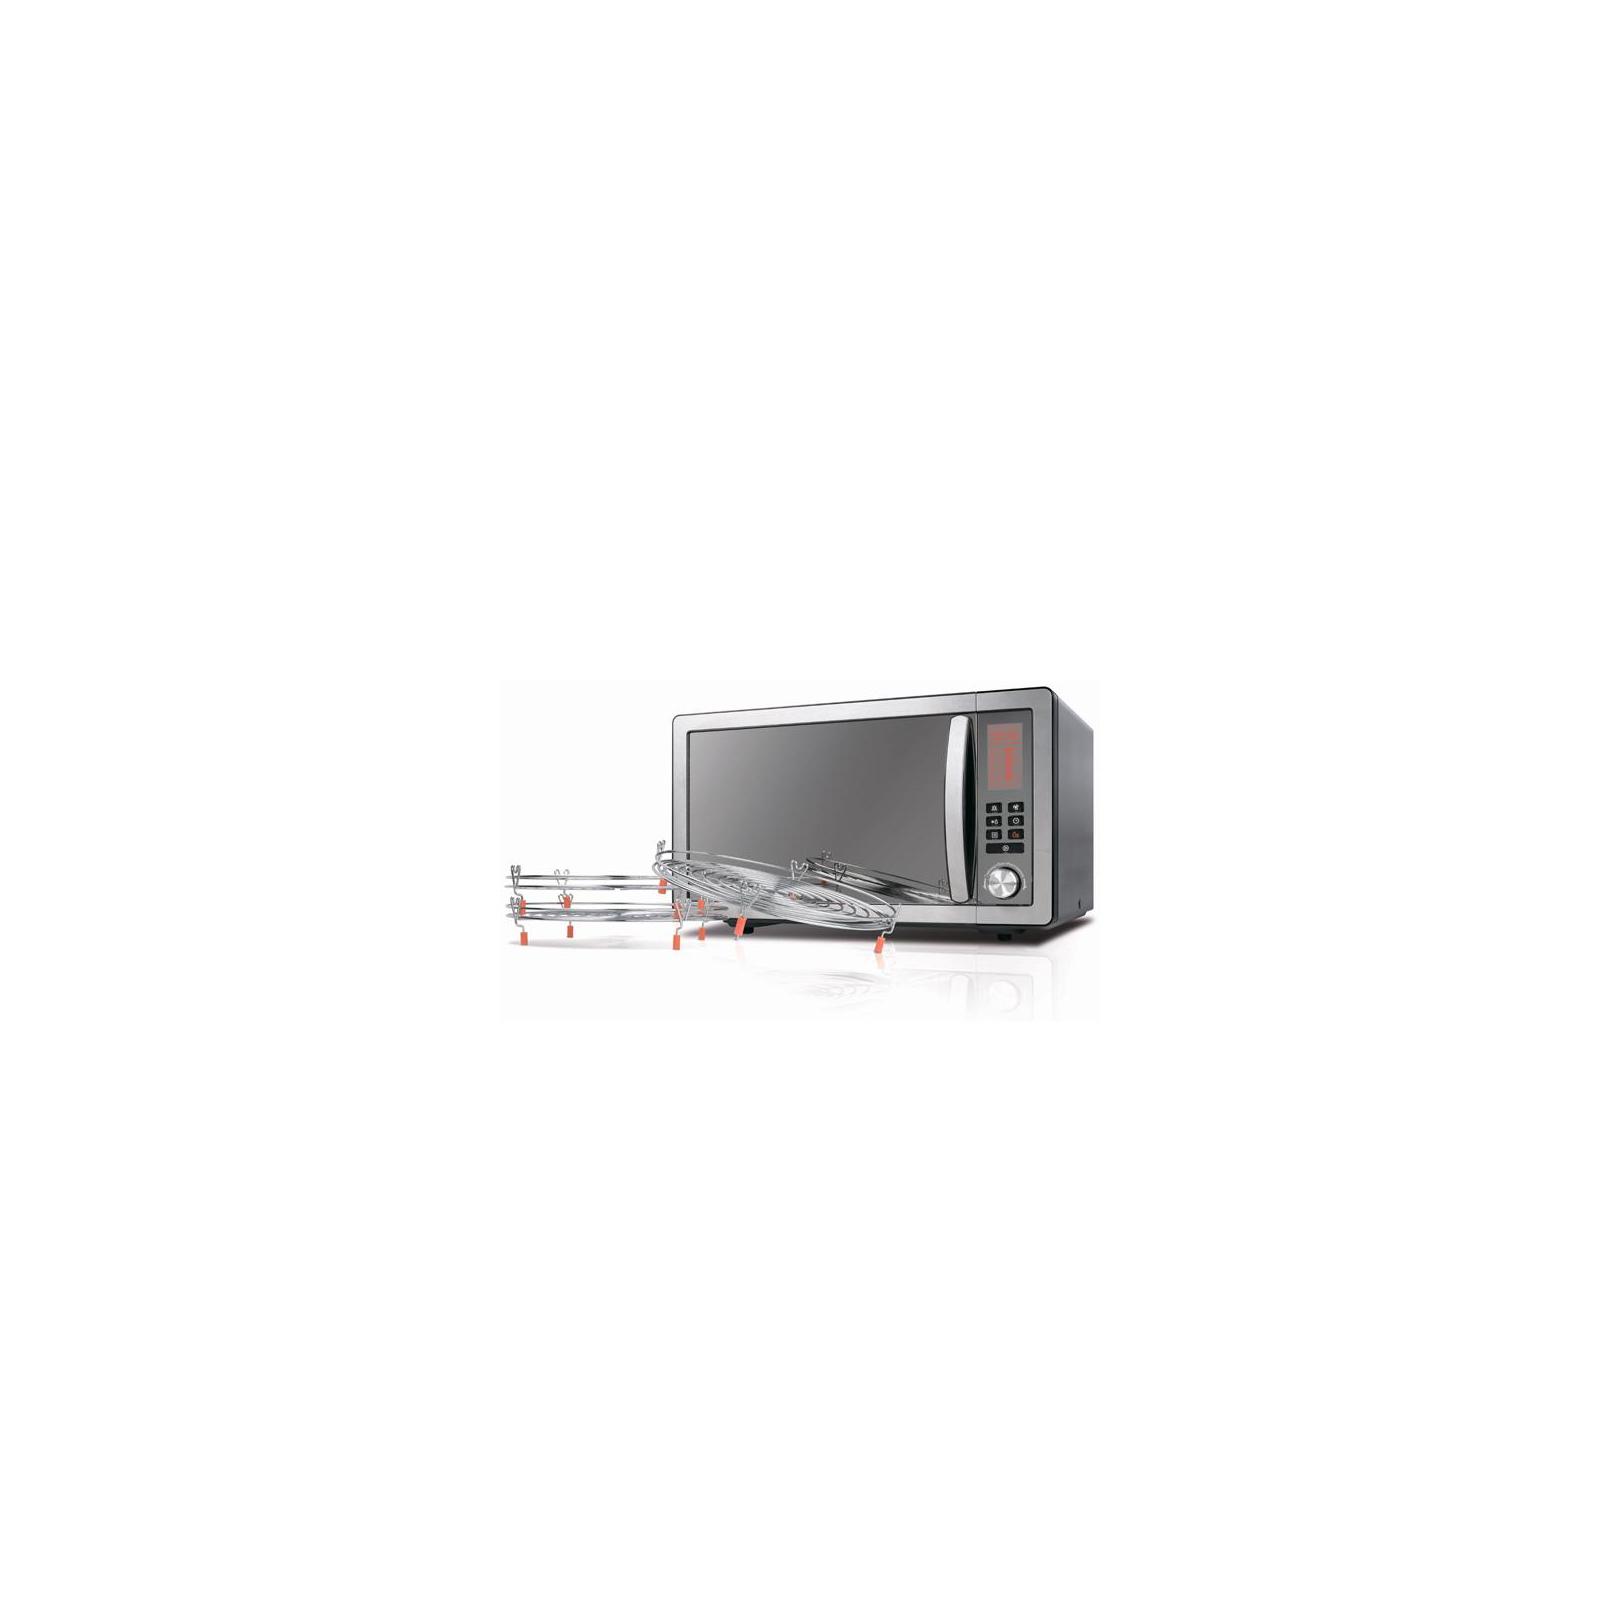 Микроволновая печь Midea AW925EHU изображение 5